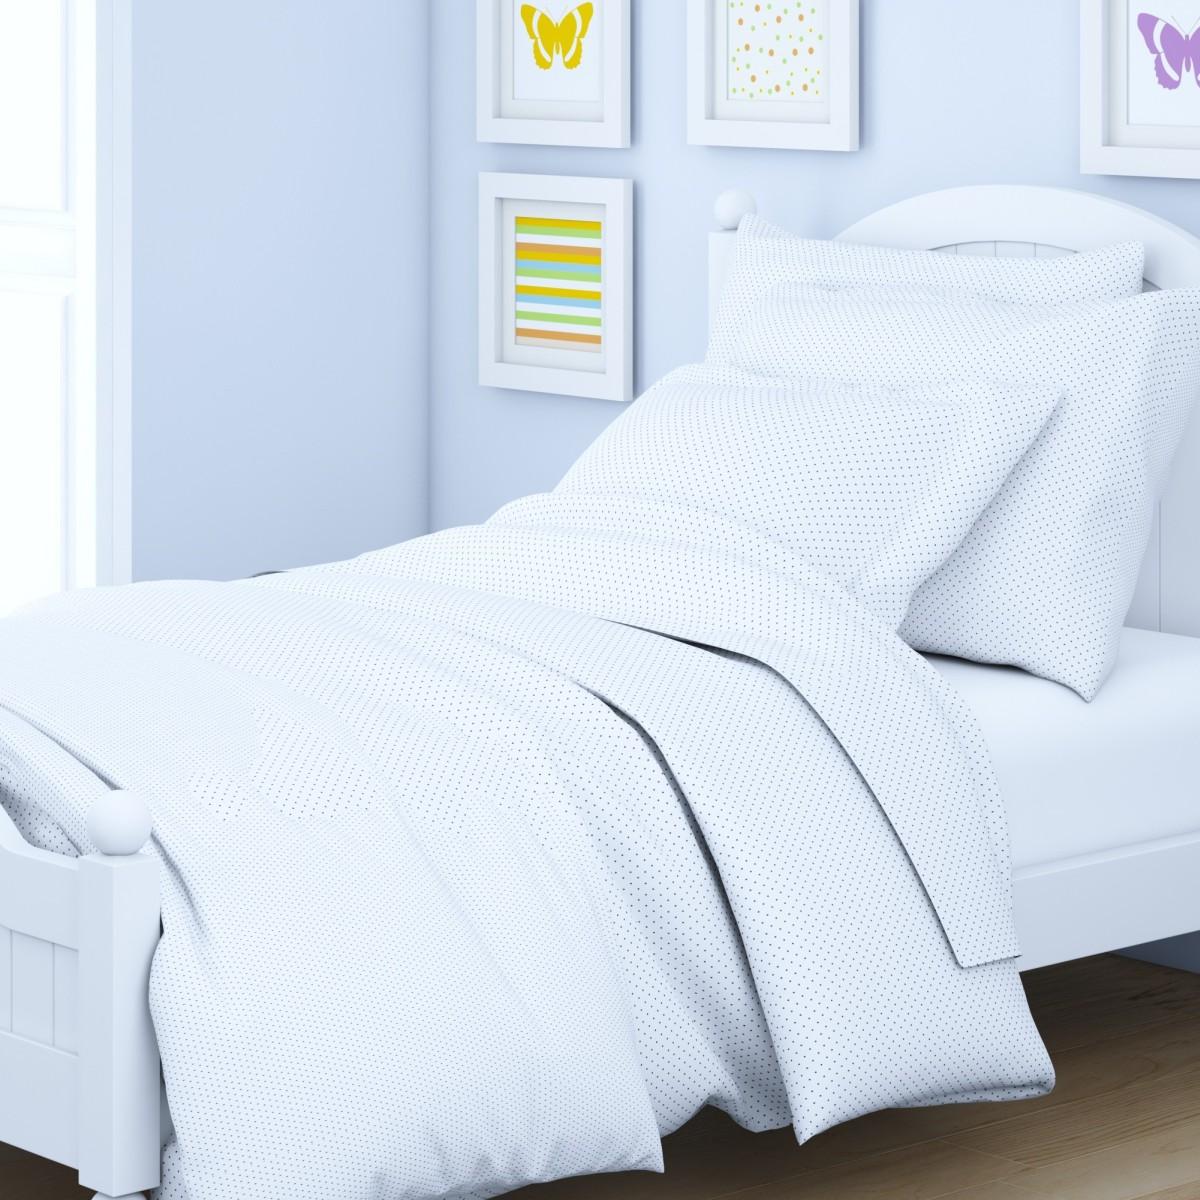 Letto Комплект в кроватку Ясли 3 предмета BG-78BG-78Комплект постельного белья в кроватку в хлопковом исполнении и с хорошими устойчивыми красителями - по очень доступной цене! Эта модель произведена из традиционной российский бязи, плотного плетения. Такое белье прослужит долго и выдержит много стирок. Рекомендуется перед первым использованием постирать, но не пересушивать. Применение кондиционера при стирке сделает такое постельное белье мягче и комфортней.Рисунок на наволочке может отличаться от представленного на фото. Подлежит машинной стирке при температуре 30 гр., строго на деликатном режиме.